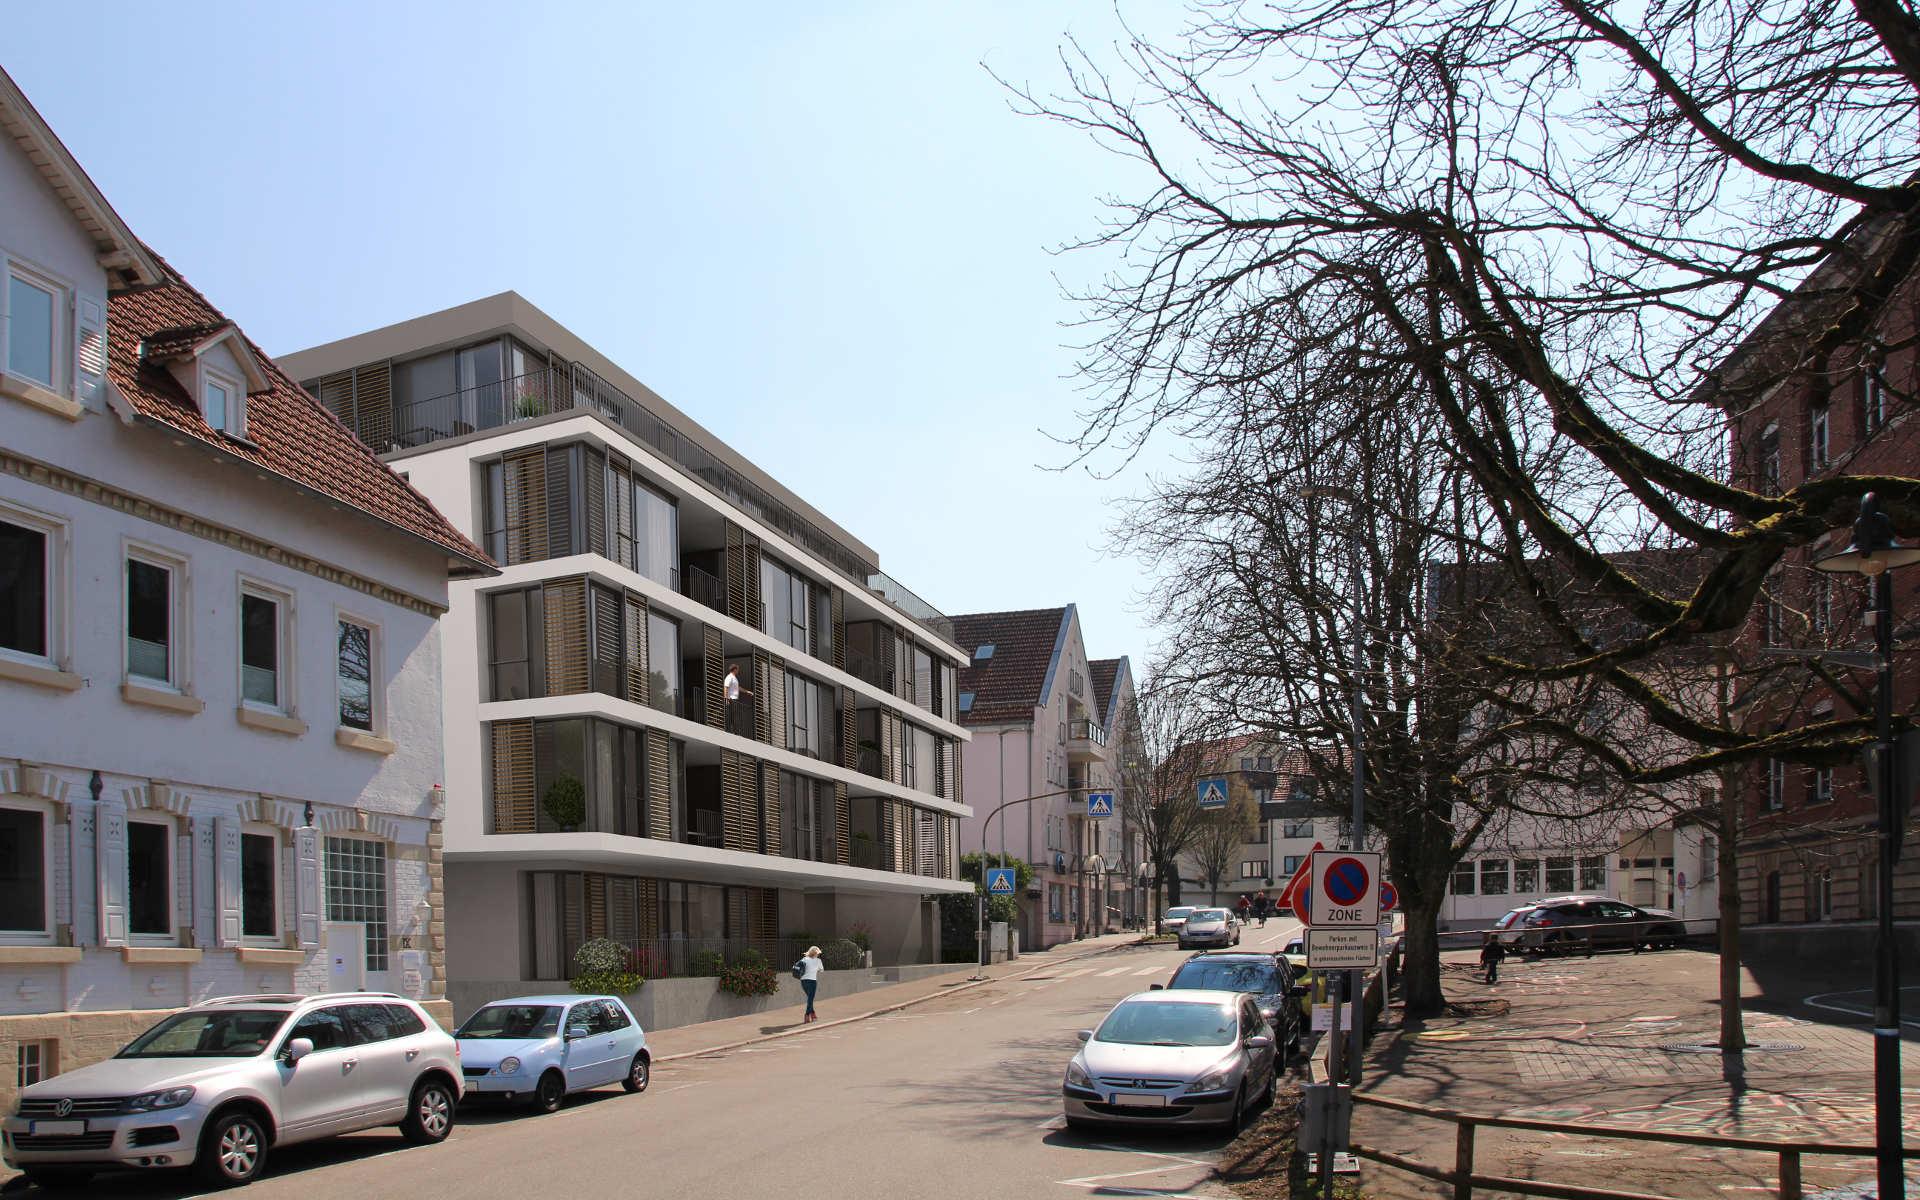 Neubau mehrfamilienhaus in schorndorf schatz gruppe for Mehrfamilienhaus neubau